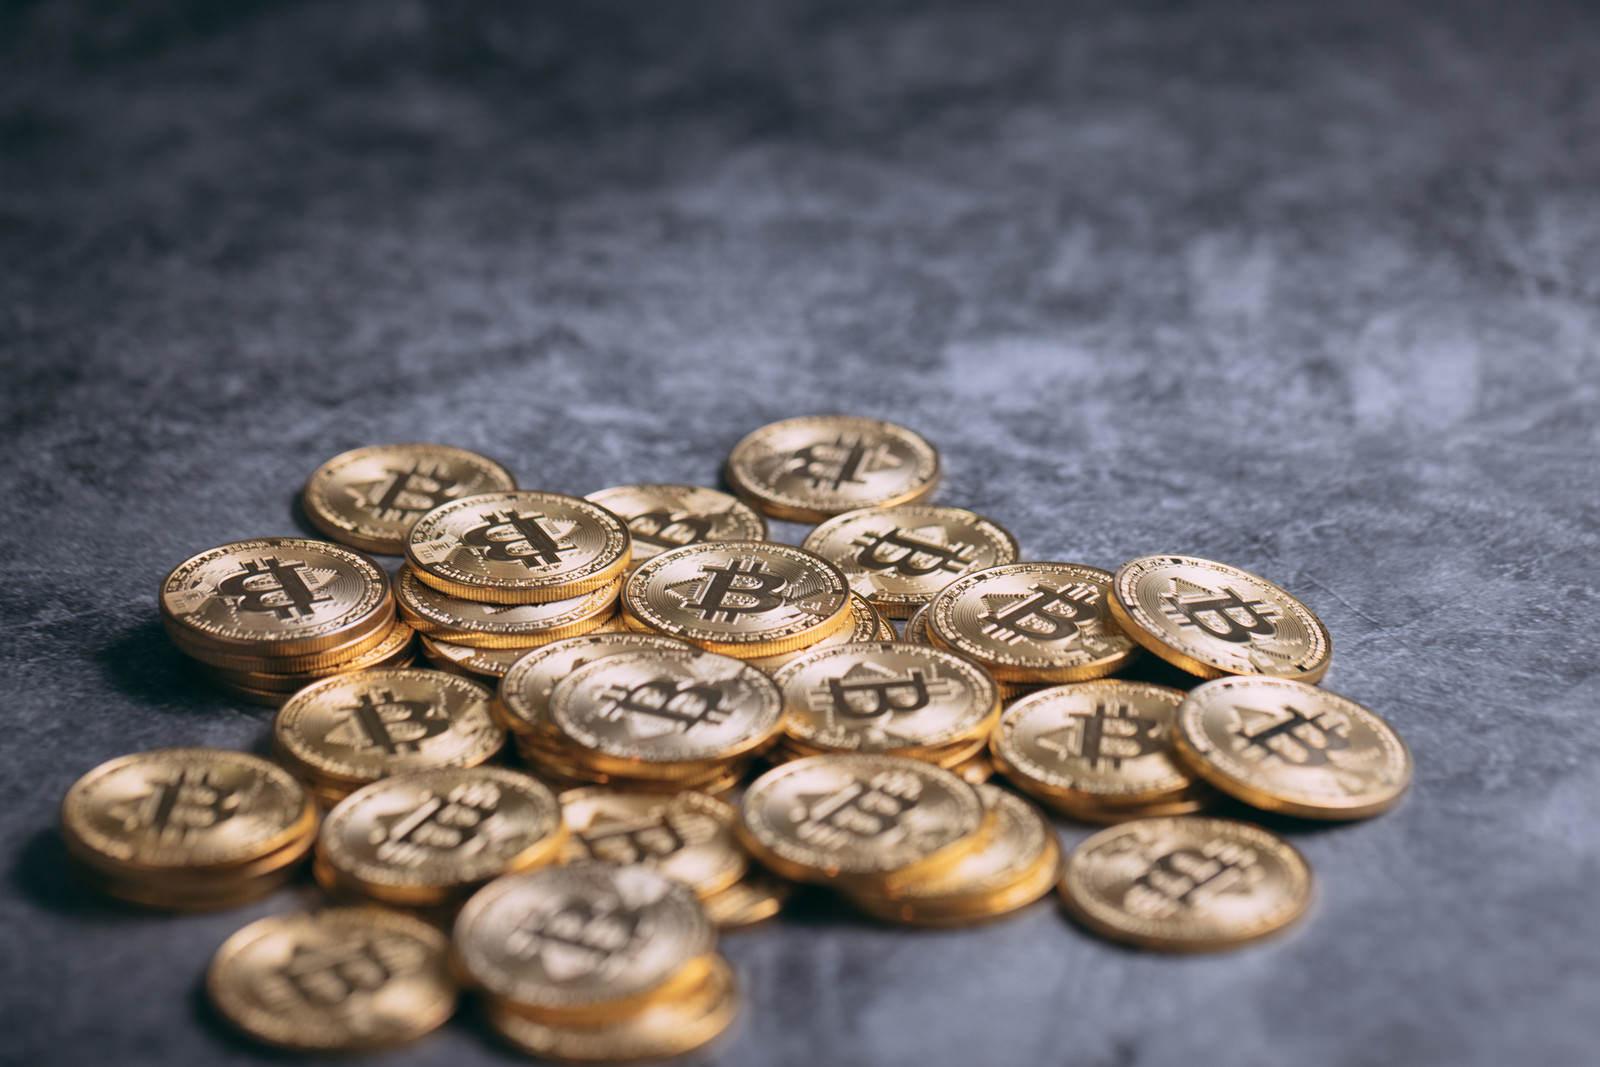 「輝く散らばったビットコイン」の写真